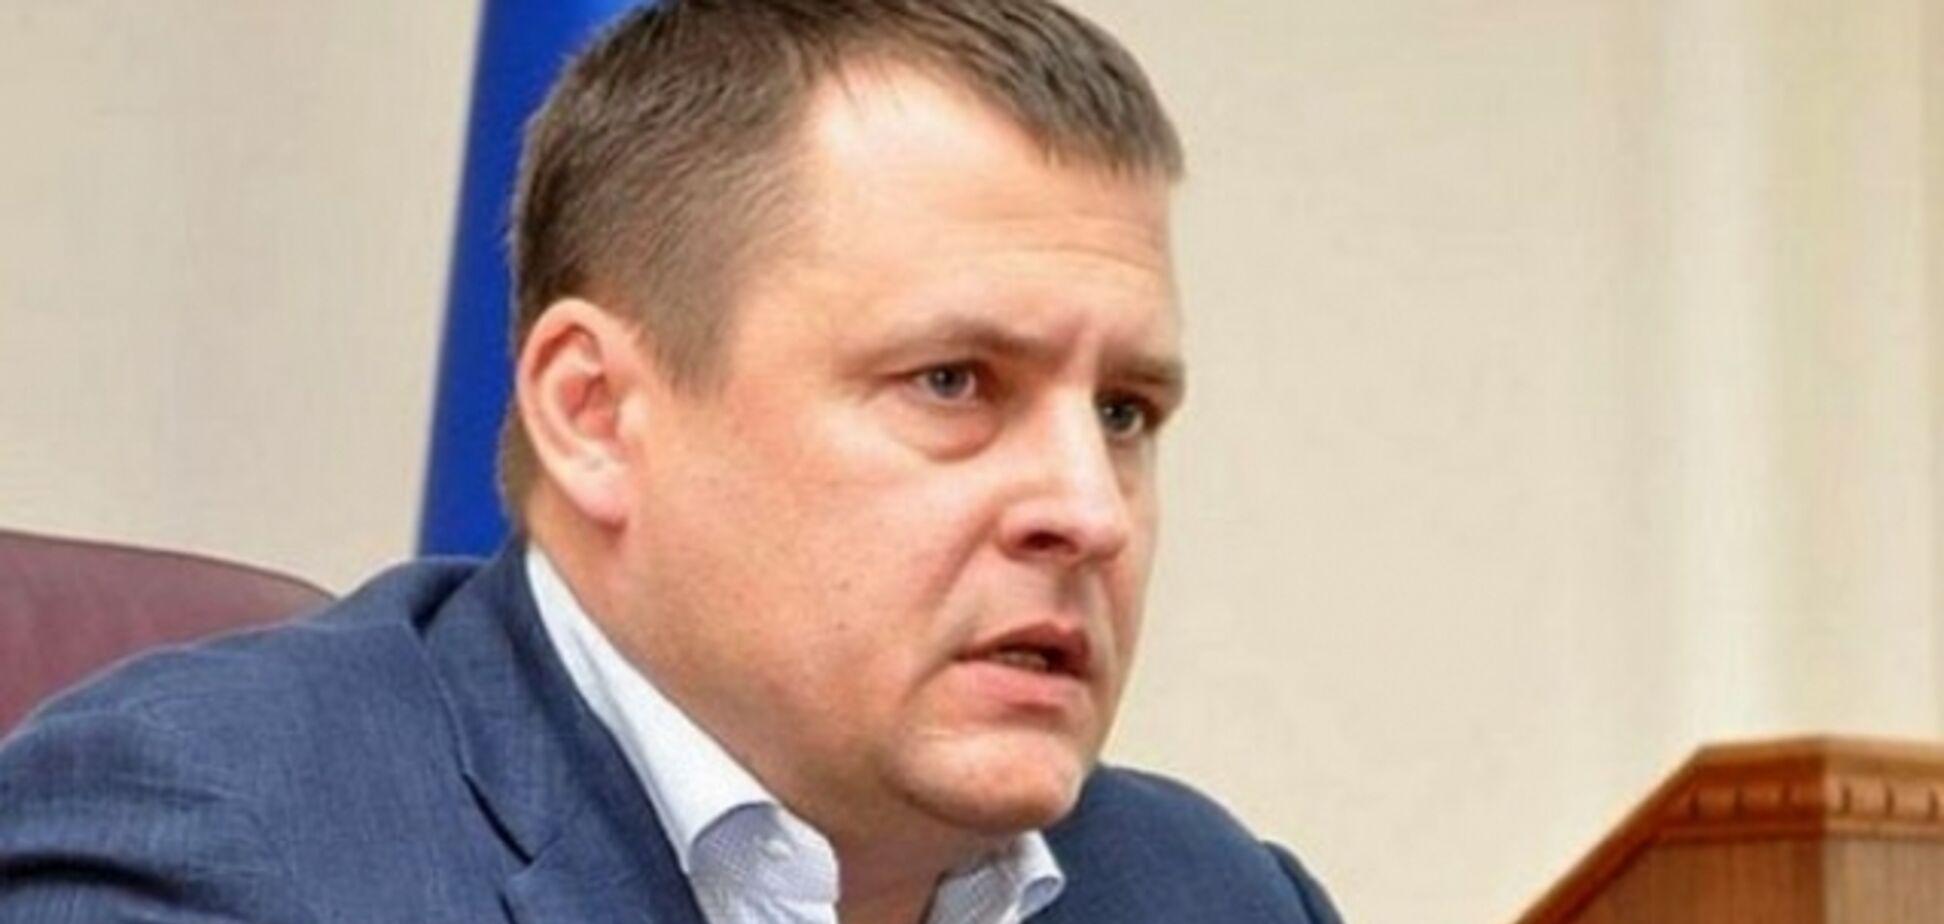 Мер Дніпра Філатов продовжив боротьбу з корупціонерами і лінивцями